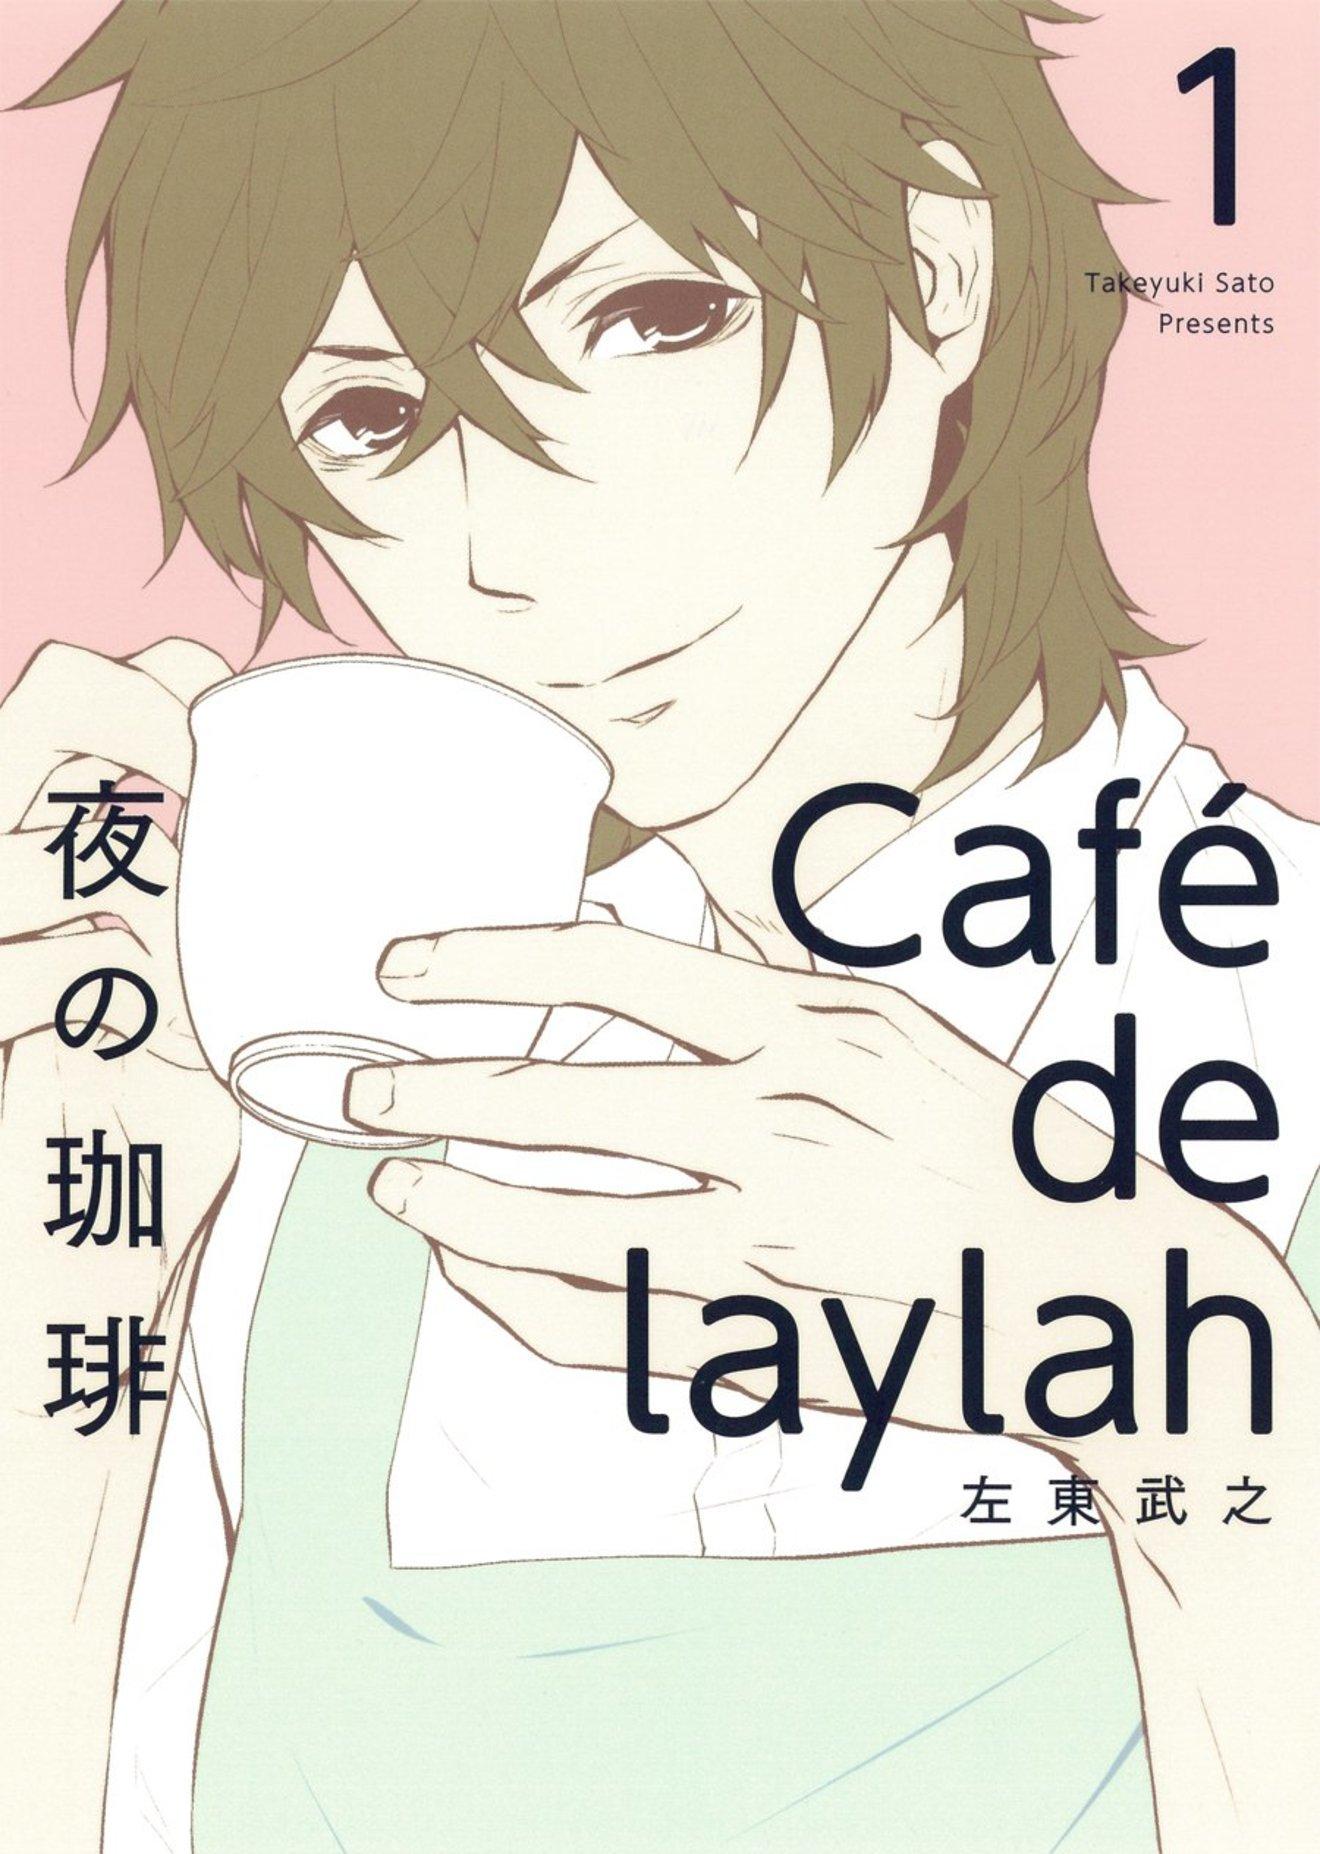 『夜の珈琲』で優しいひと時を味わう。無料で読める癒し漫画をネタバレ紹介!